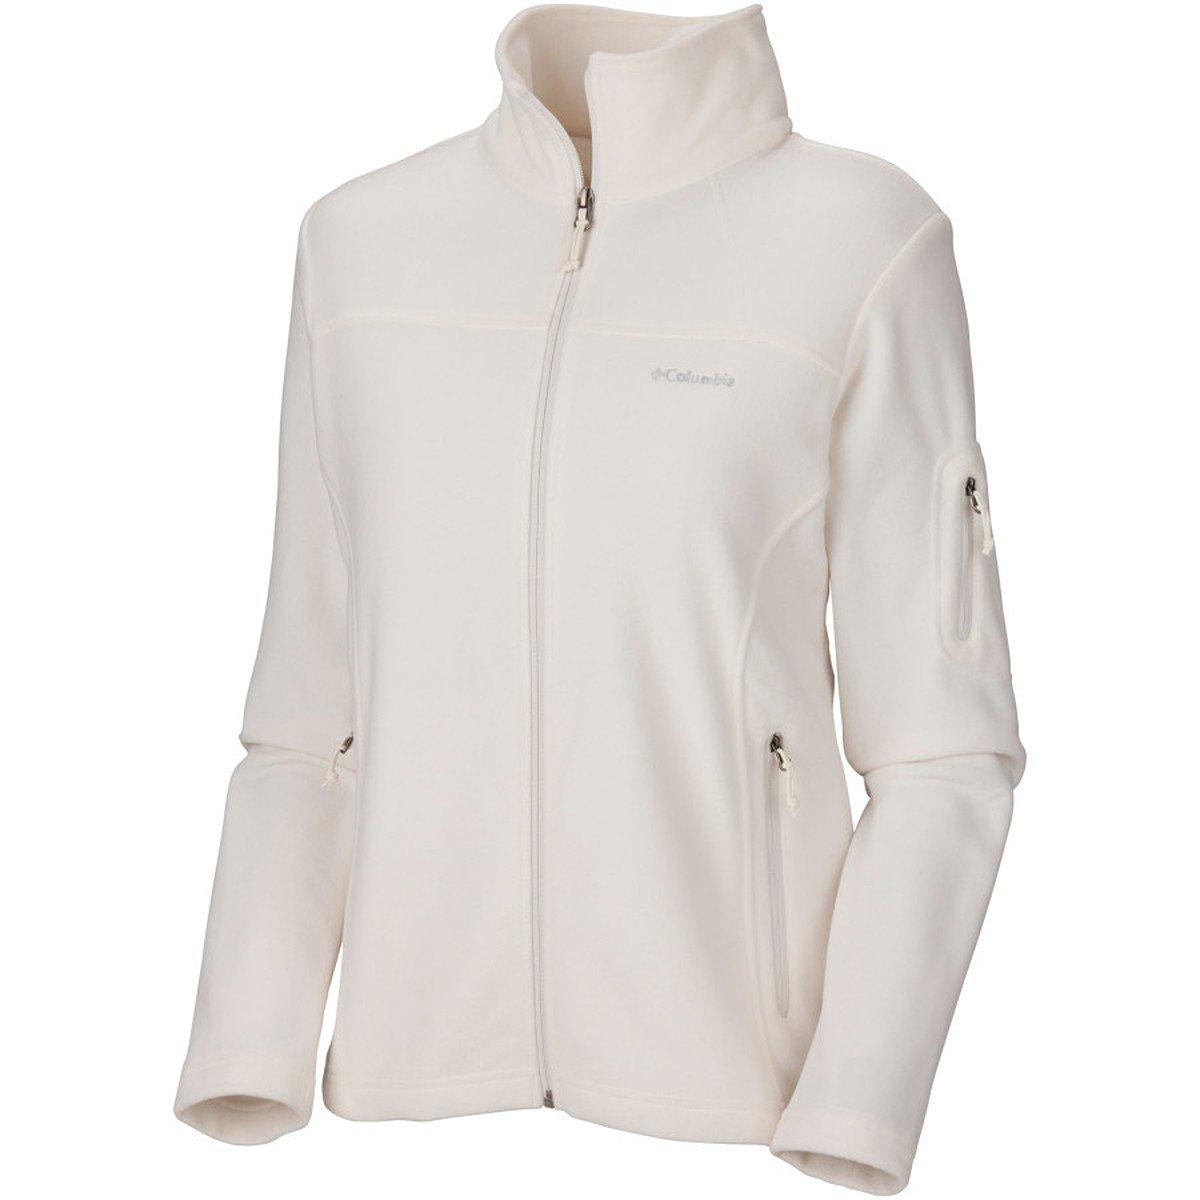 (コロンビア) Columbia Fast Trek II Fleece Jacket レディース ジャケットSea Salt [並行輸入品] S Sea Salt B077NCZGJ9